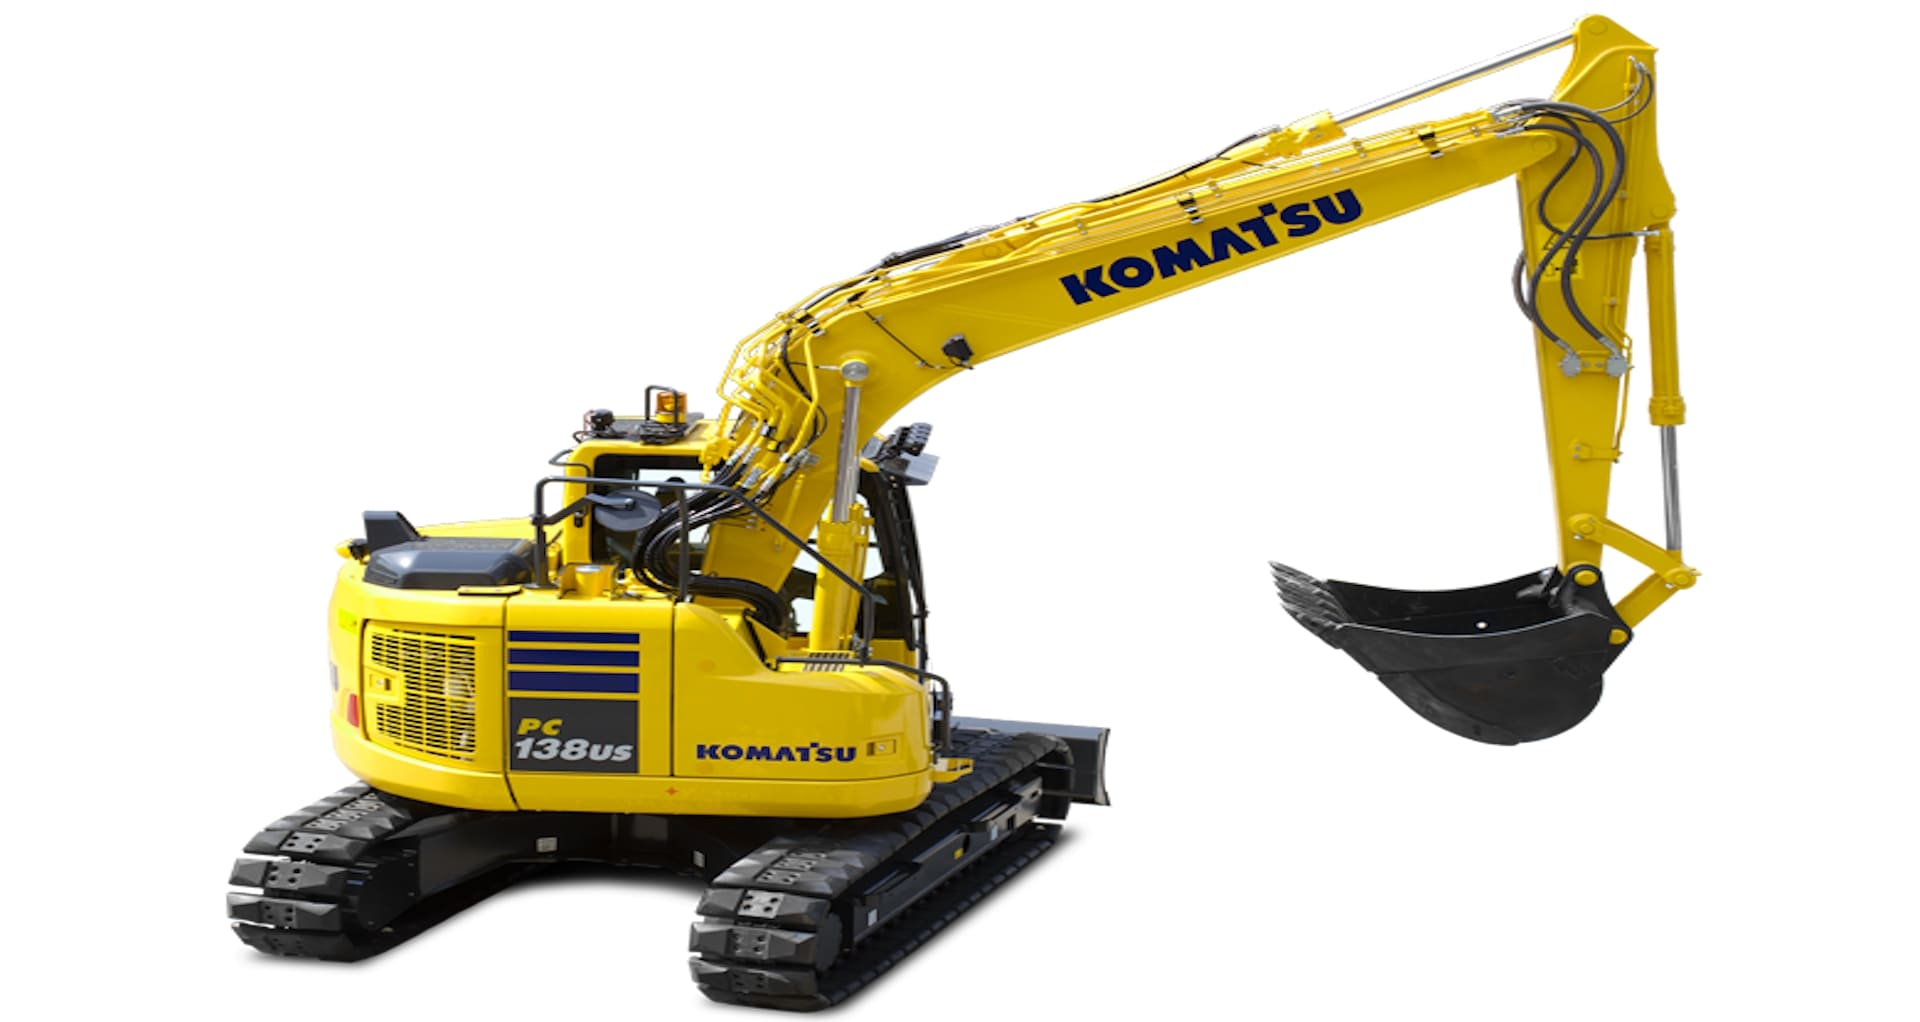 Escavatore a raggio di rotazione ridotto Komatsu PC138US-11